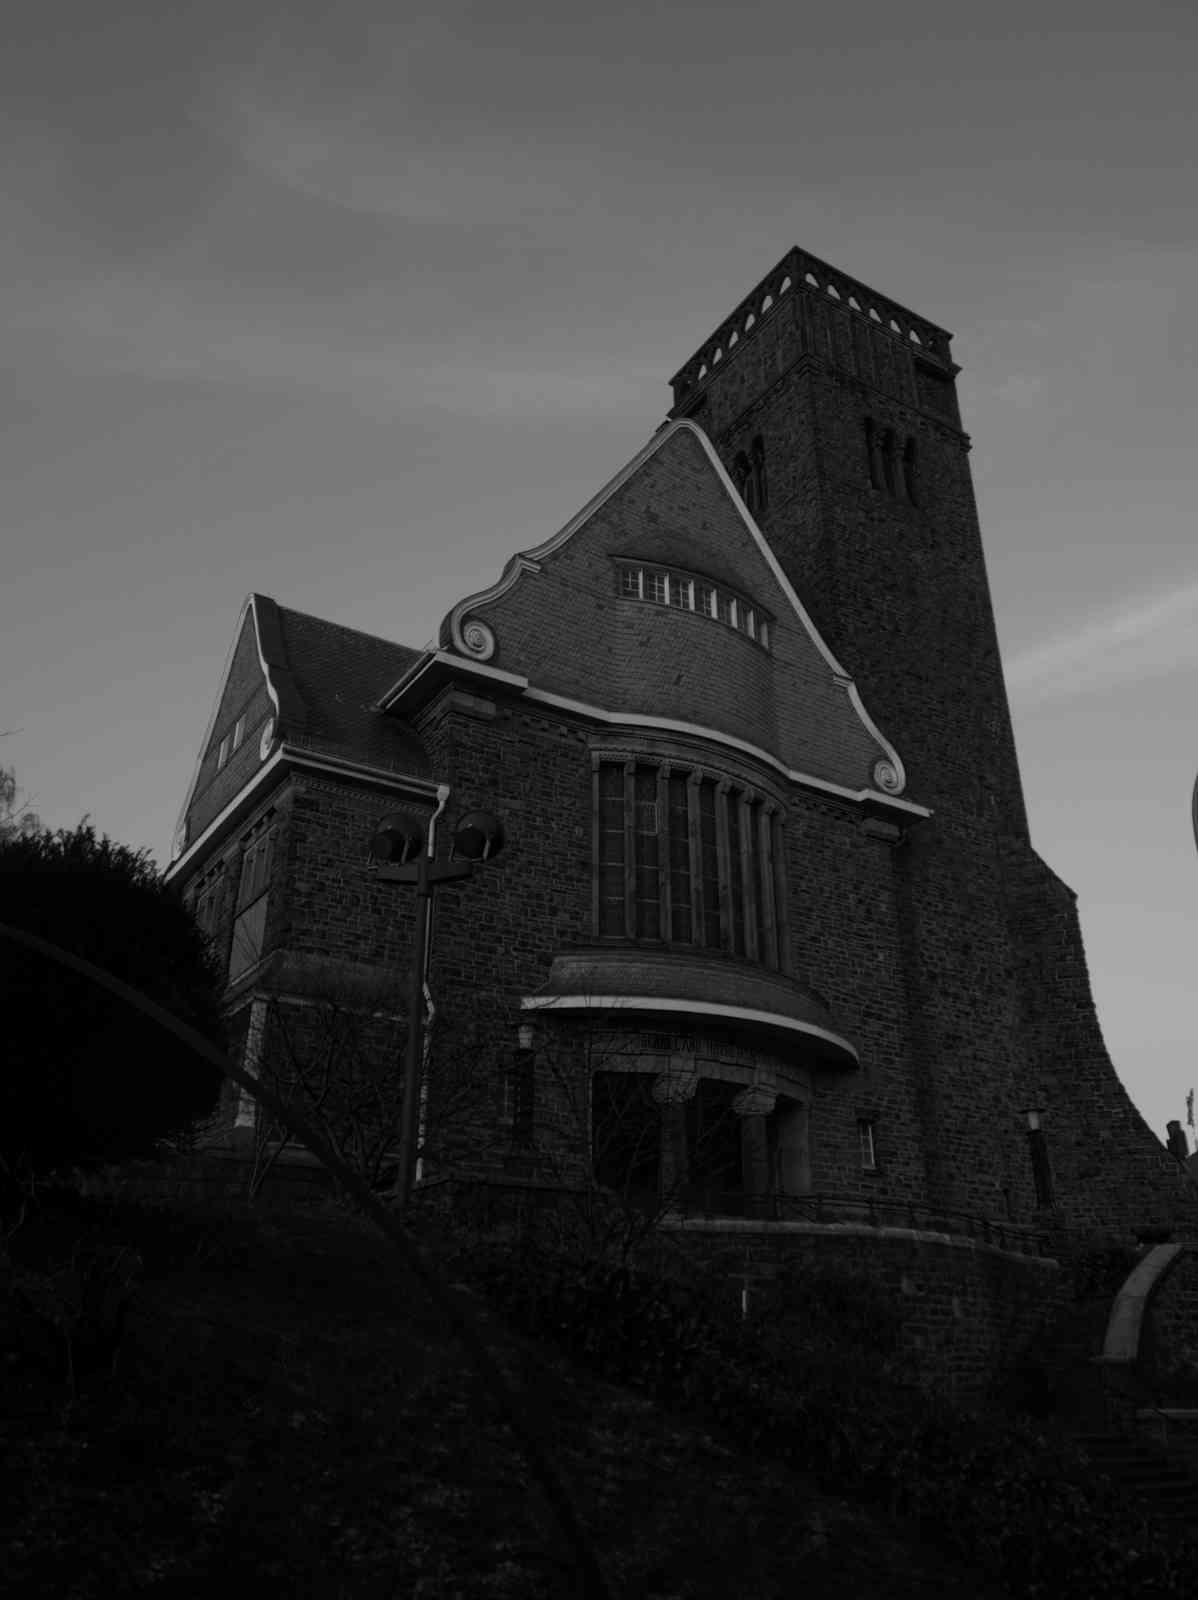 Sonnborner Kirche - Dunkles Gemäuer 2